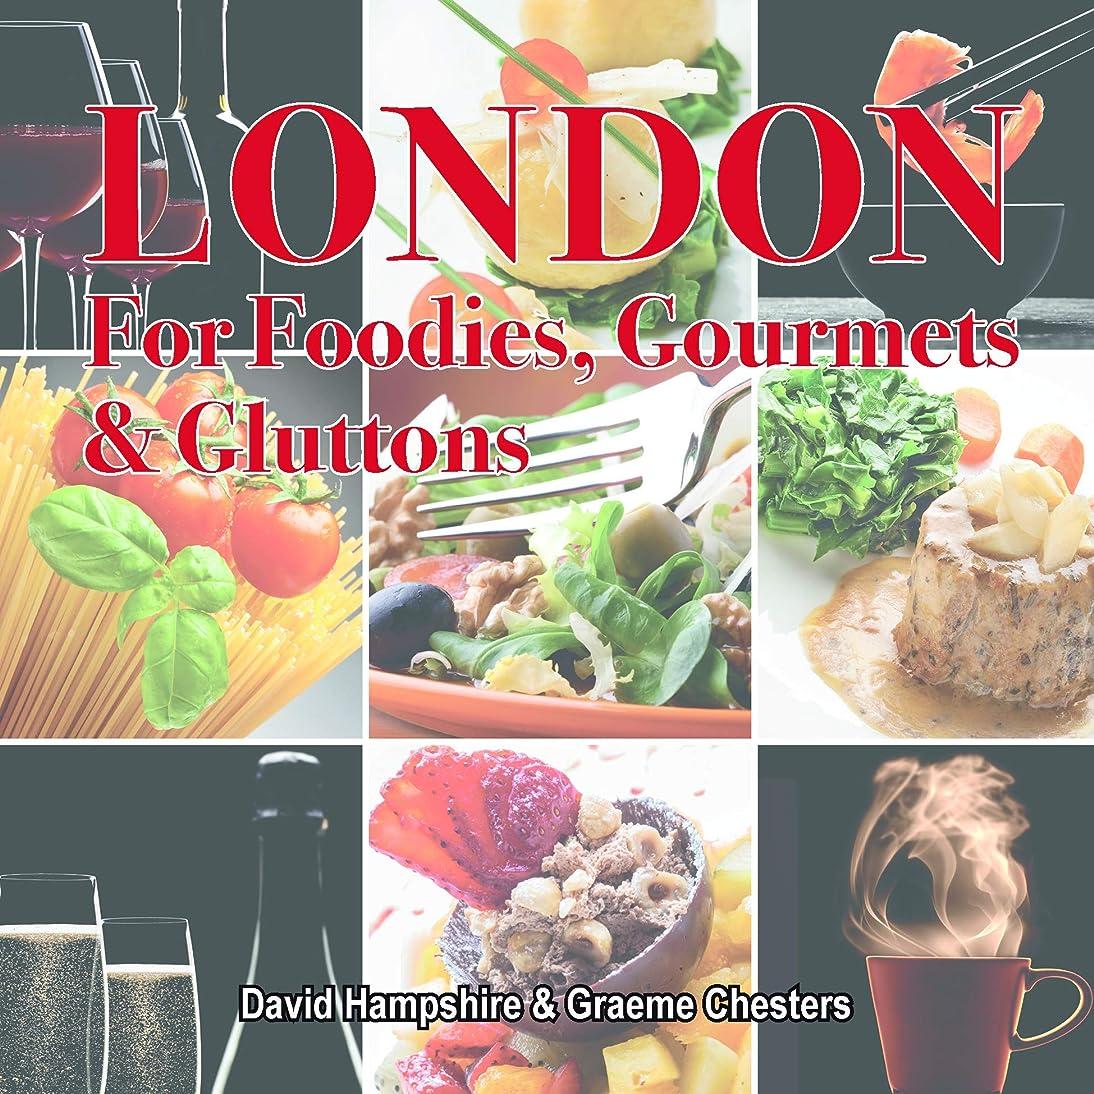 インスタンスインフルエンザ嵐London for Foodies, Gourmets & Gluttons (London's Secrets) (English Edition)